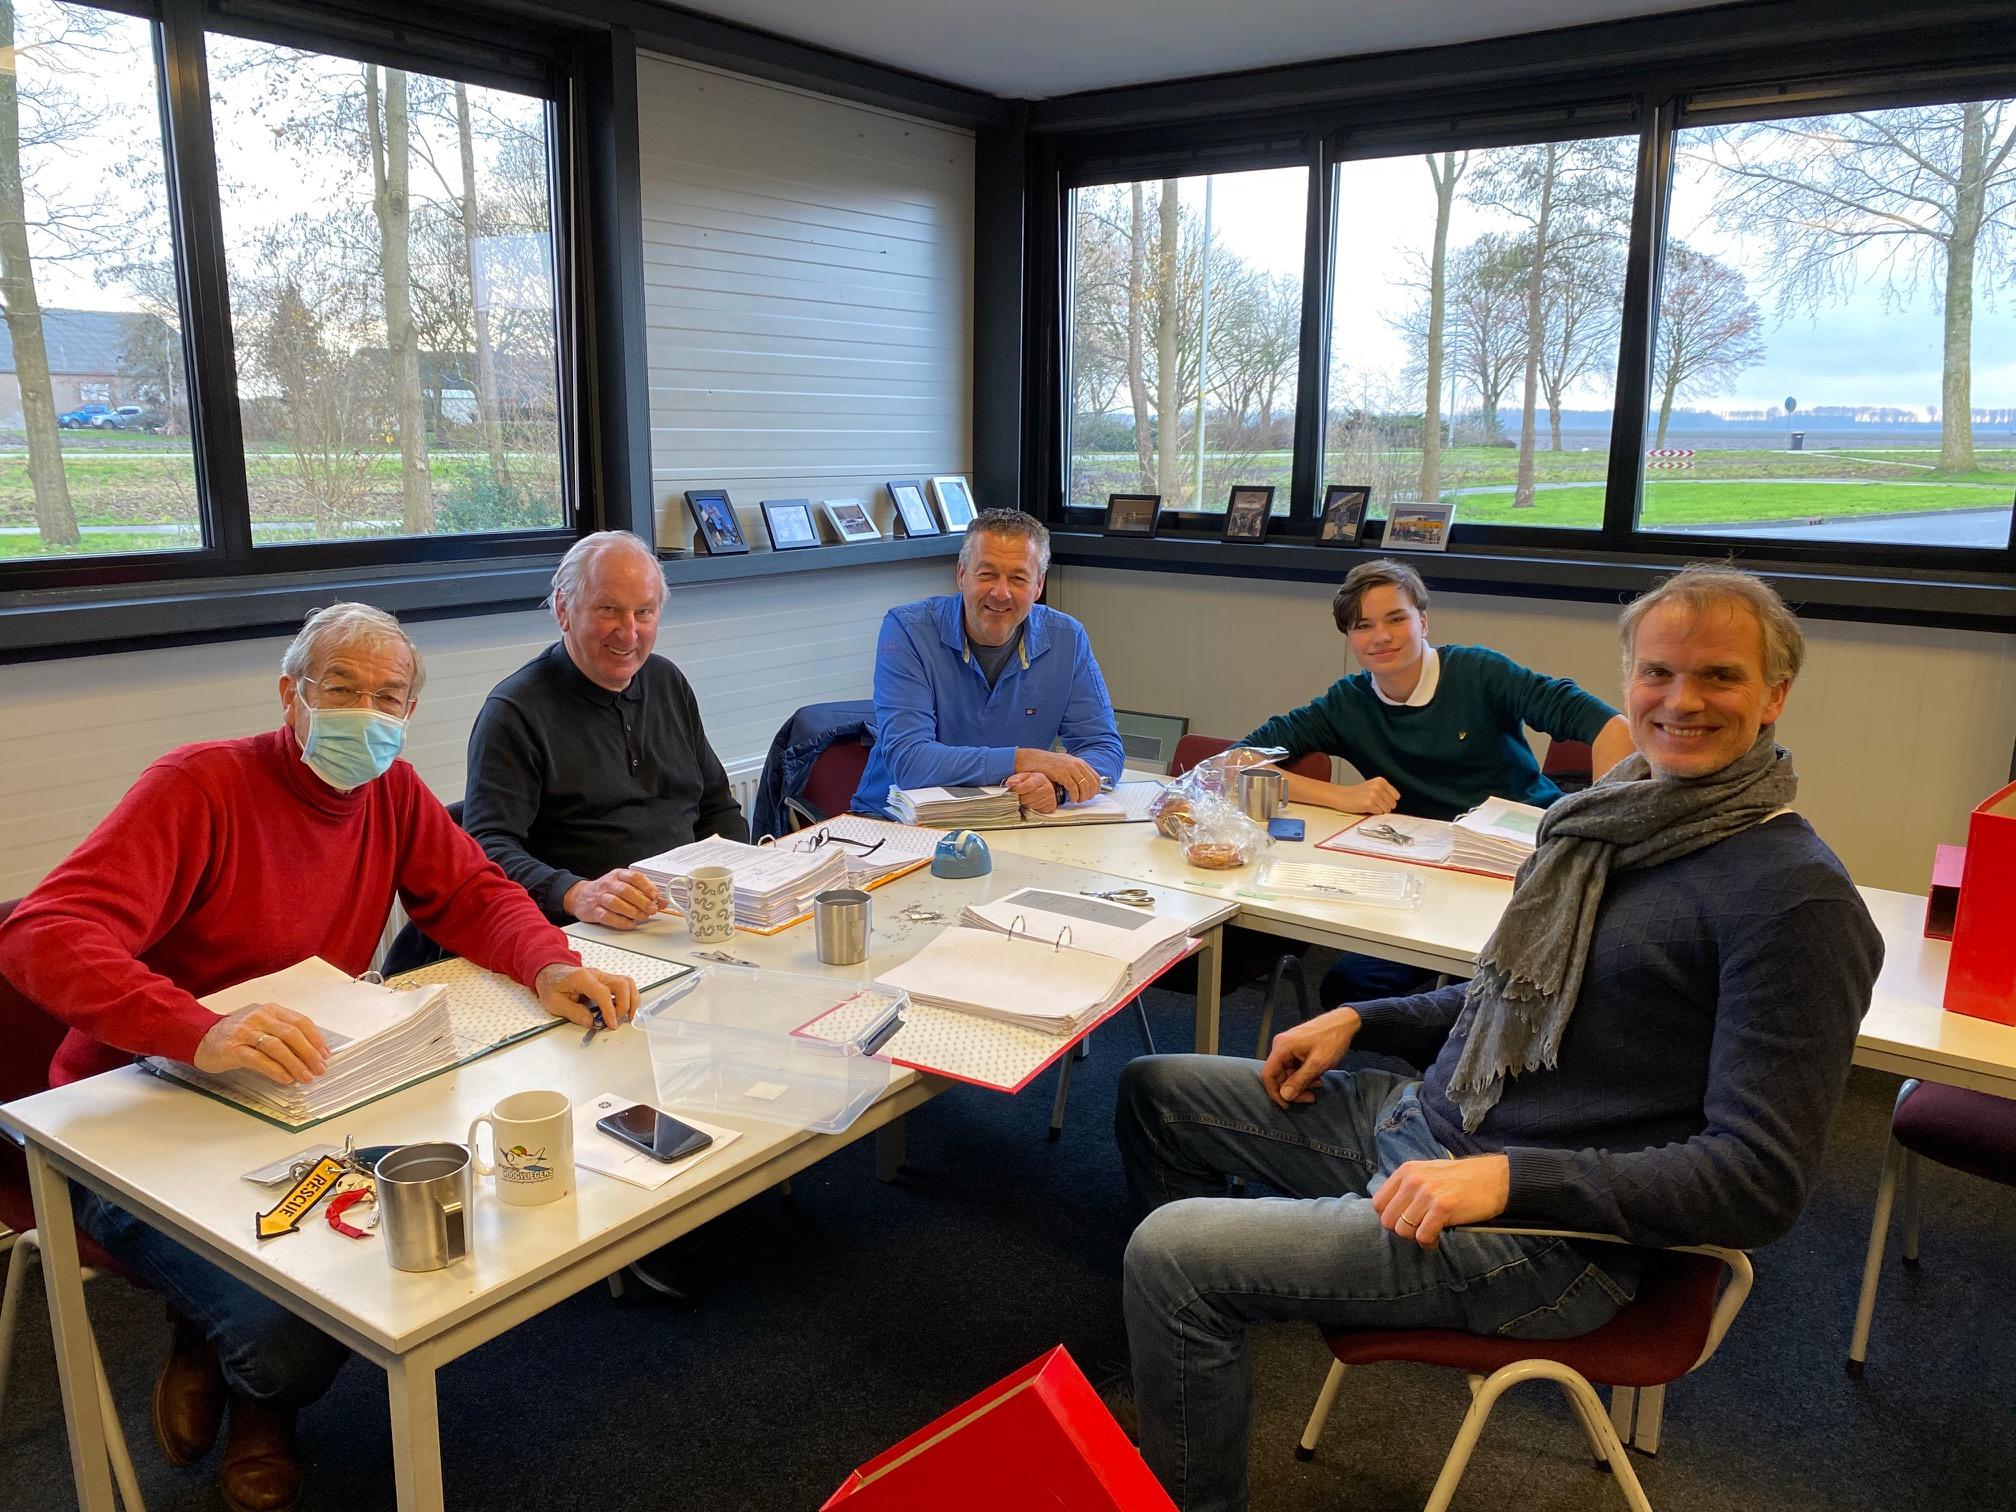 Vrijwilligers van de stichting VNCE inventariseren meer dan 50000 documenten